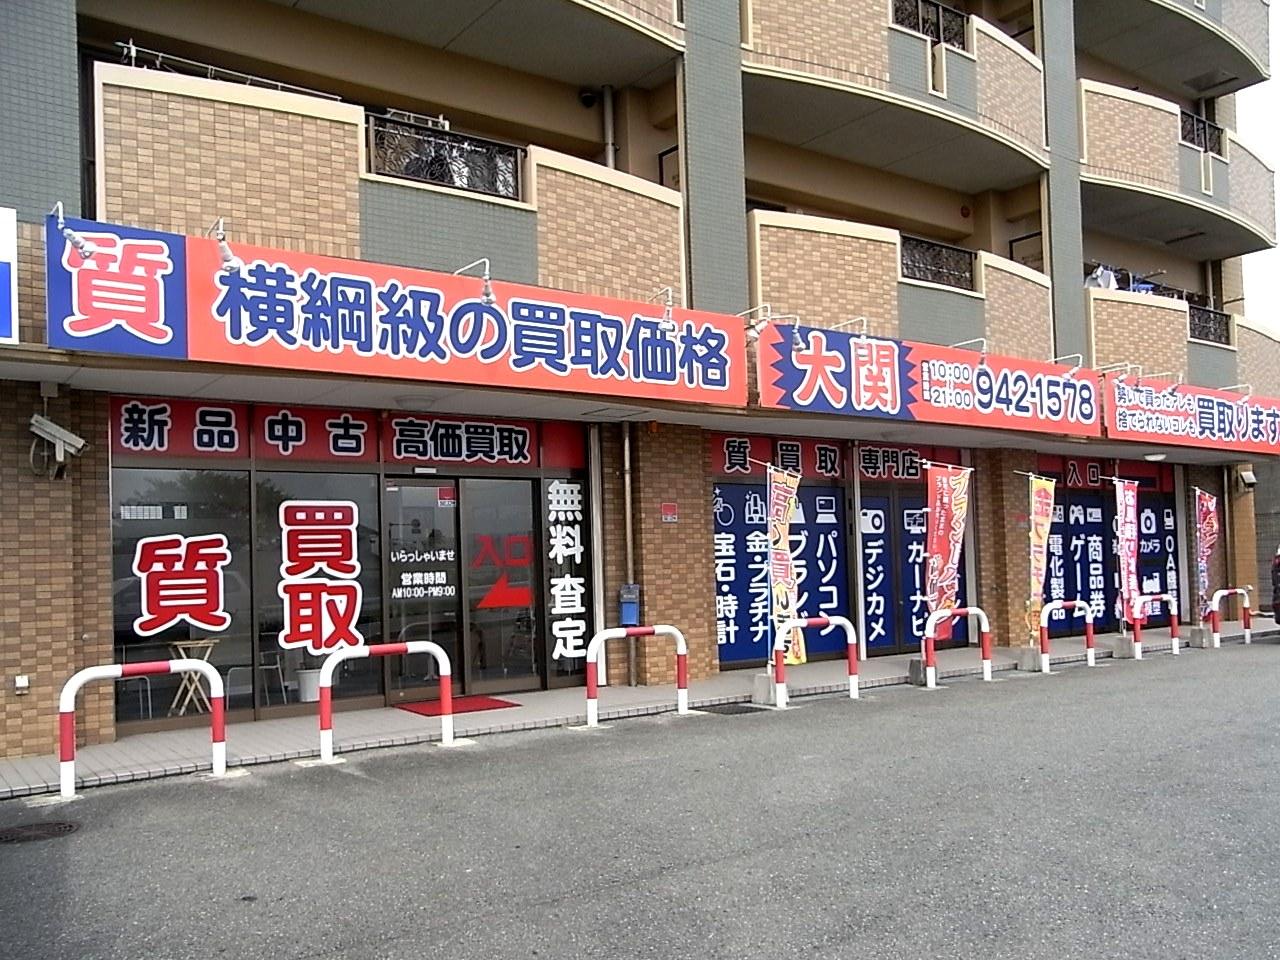 大関質店 古賀店画像